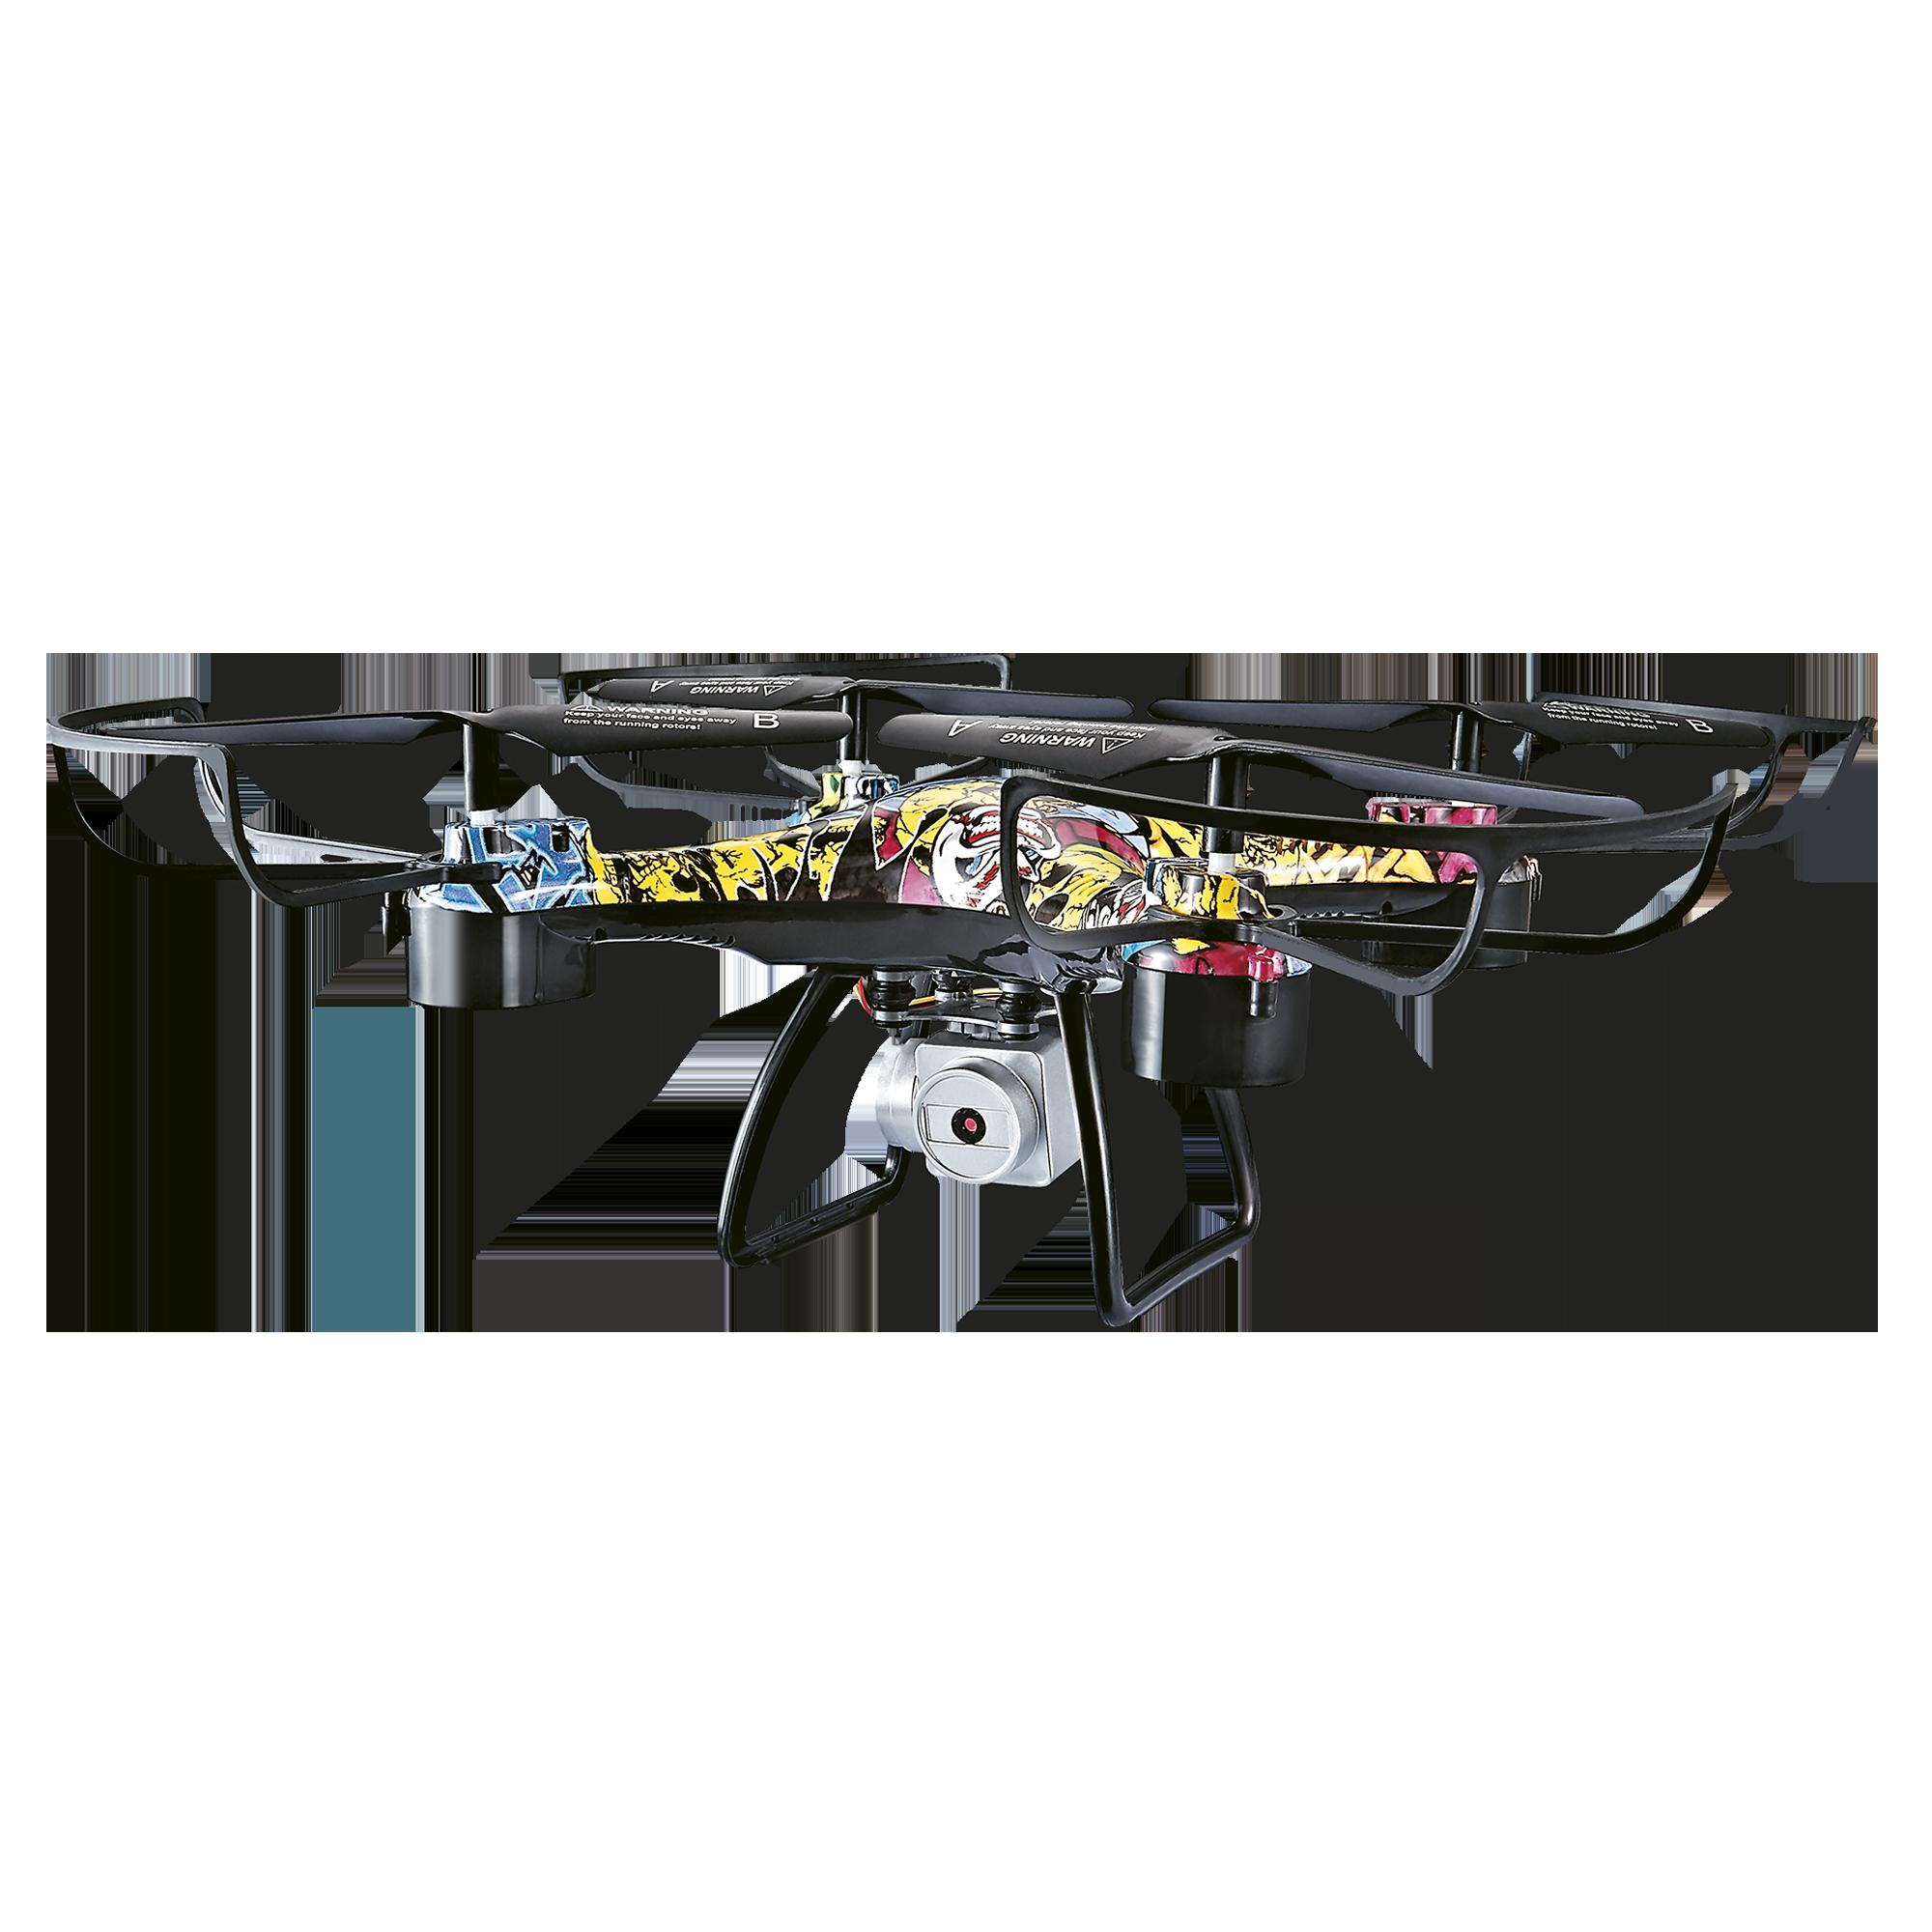 Drone sky watcher - MOTOR&CO R/C